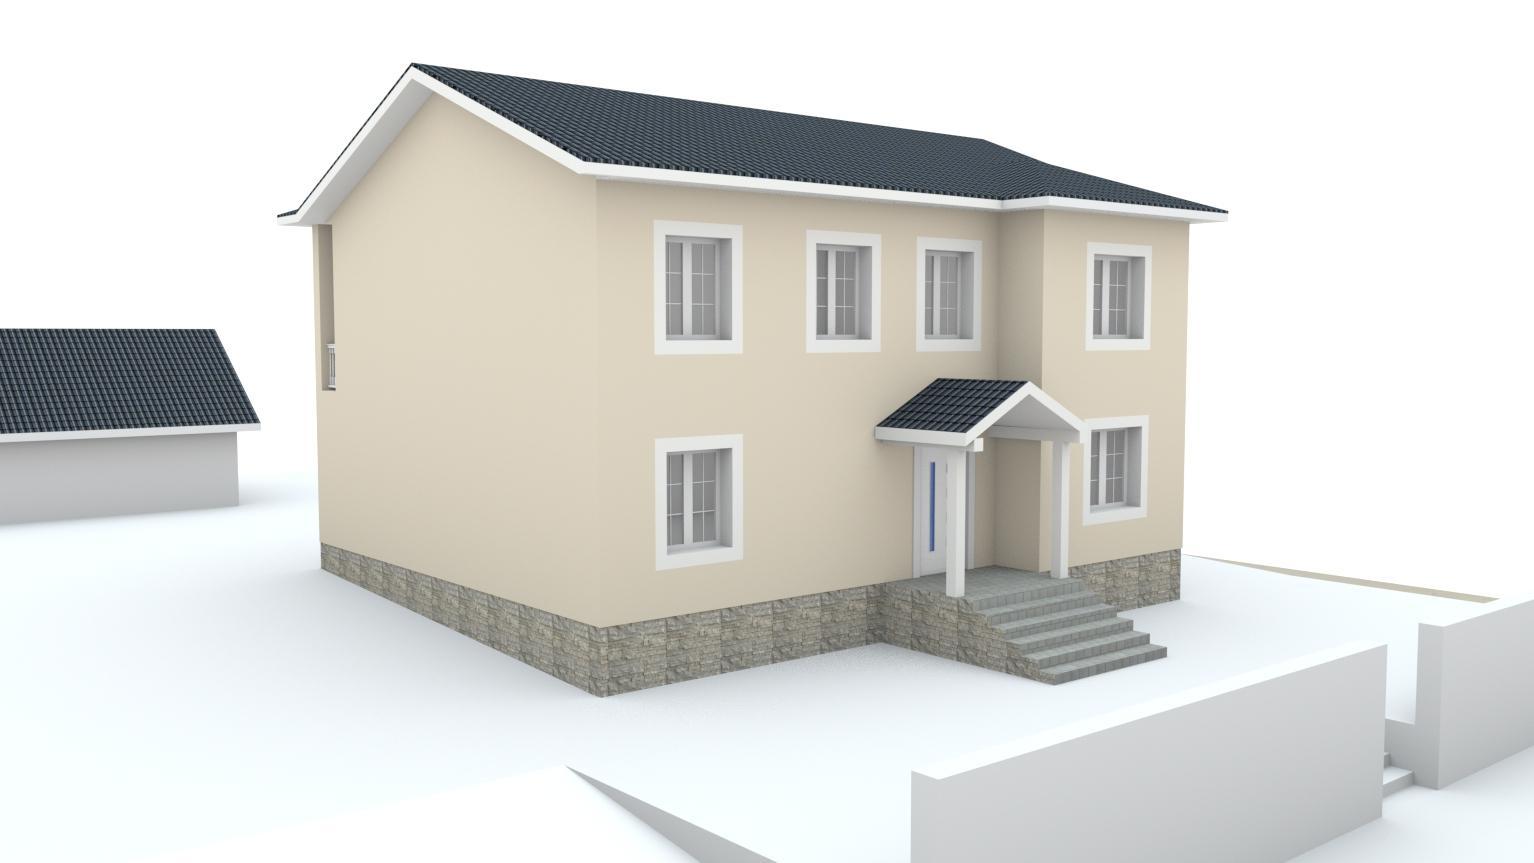 Návrh fasády rodinného domu Bratislava - Obrázok č. 3